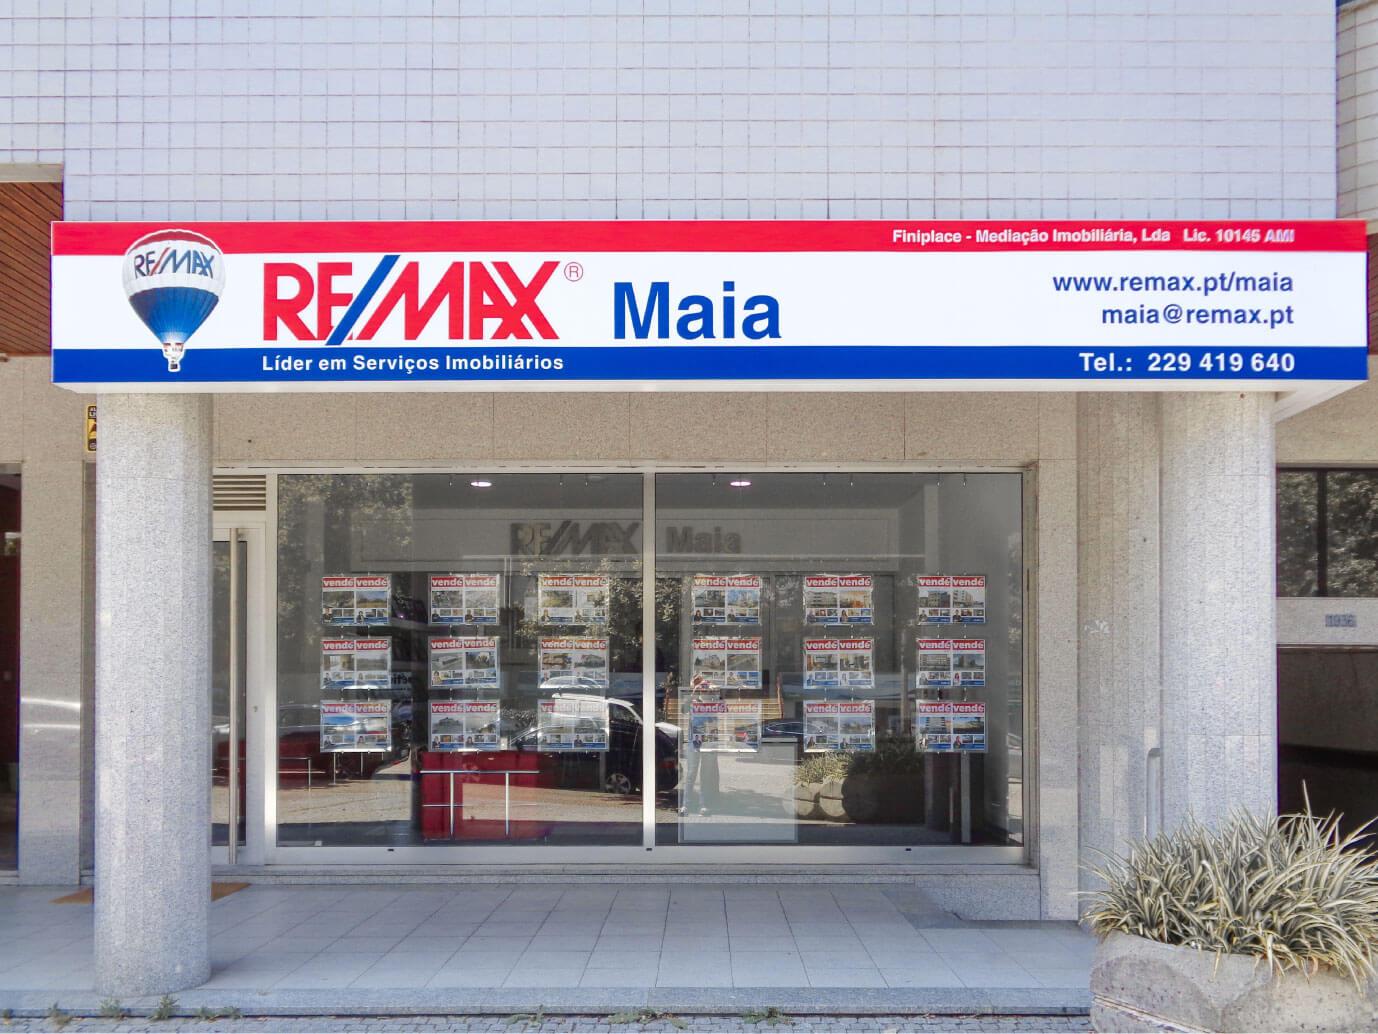 Loja Agência Imobiliária Remax Maia